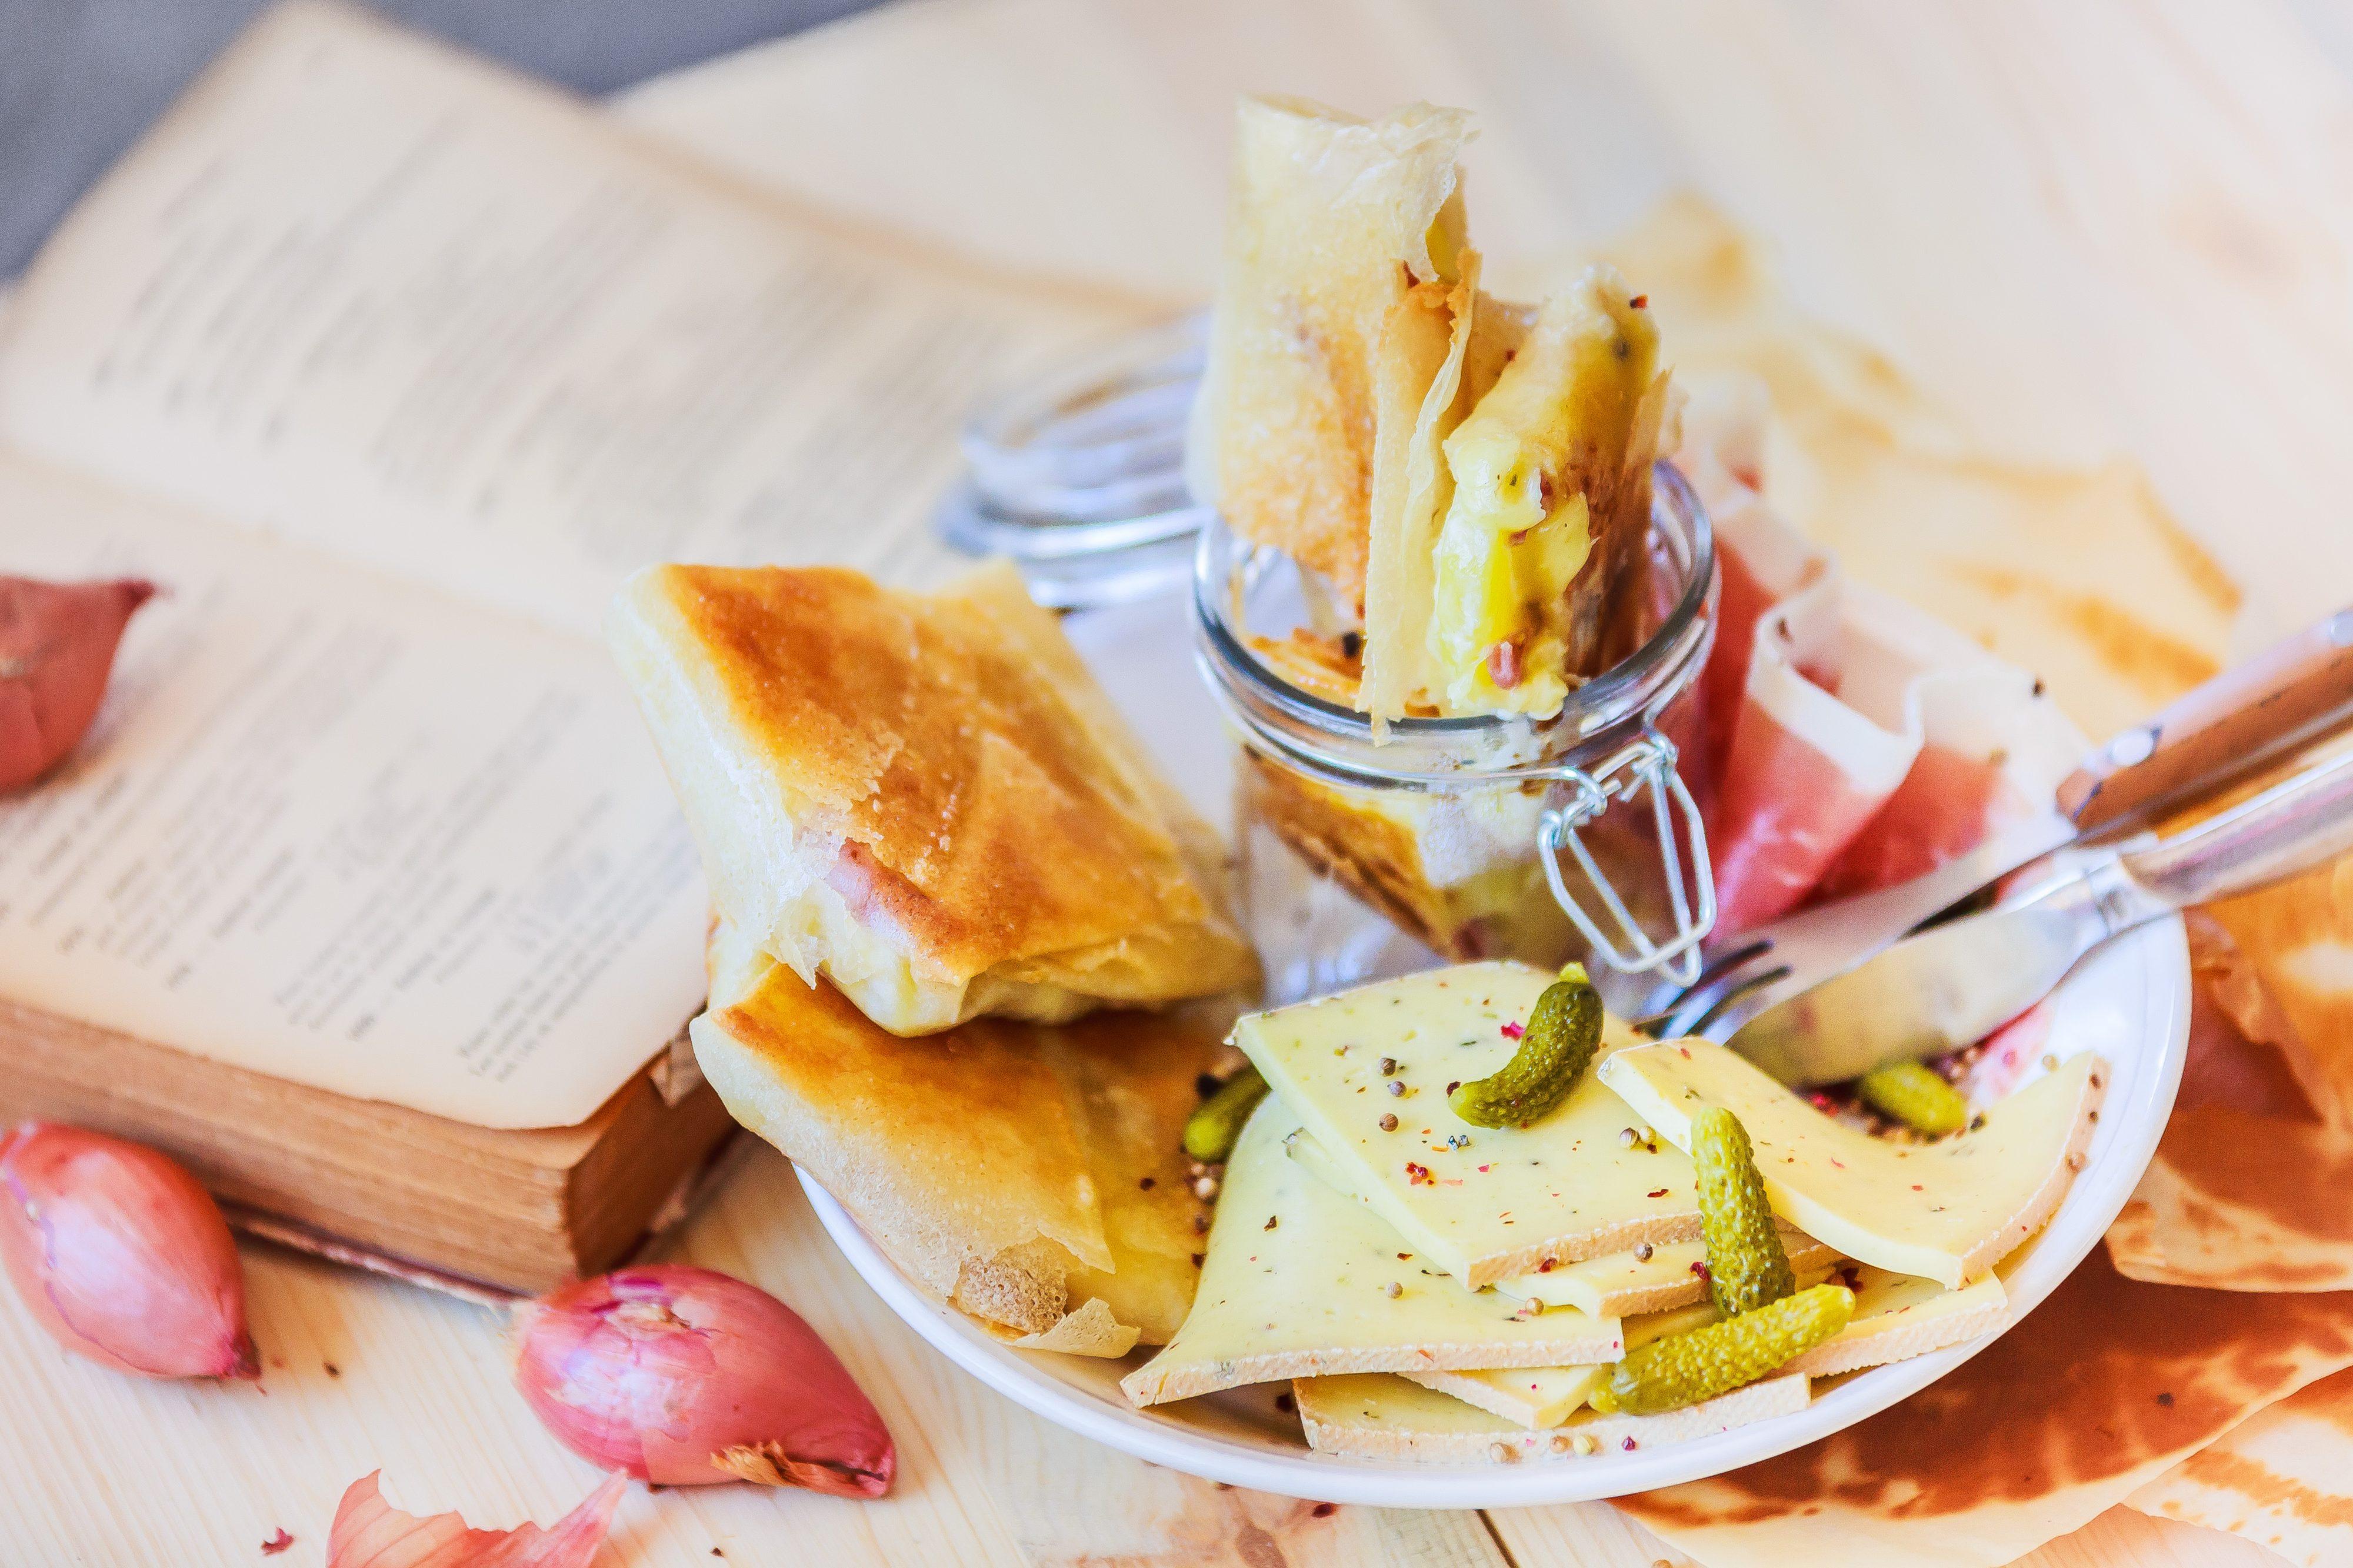 Croustillants à la raclette au poivre et jambon cru. Photo culinaire